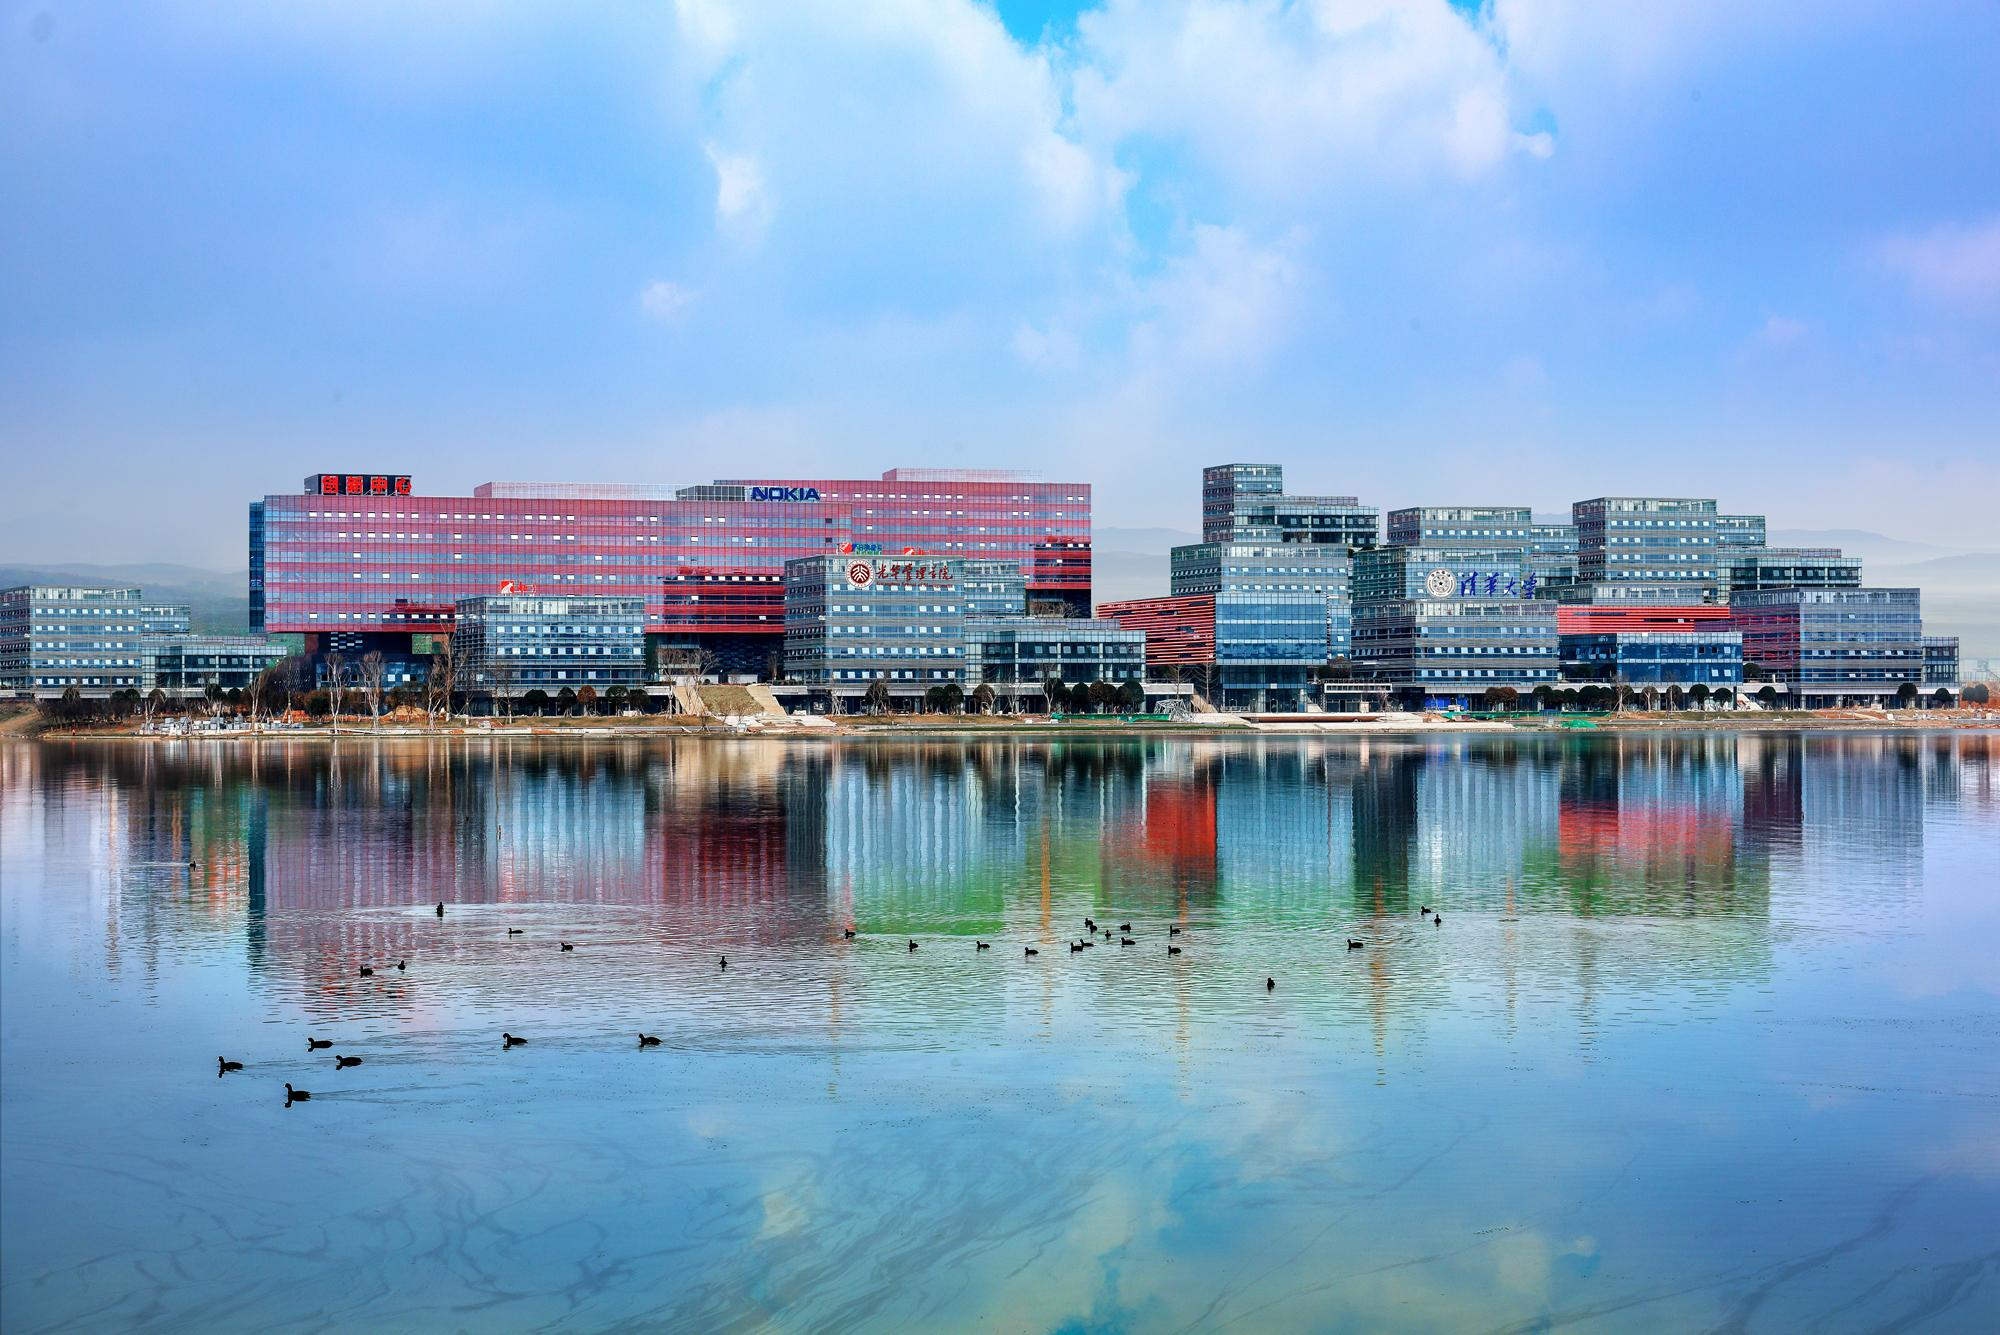 天府新区在全国启动独角兽岛整体规划设计方案国际征集